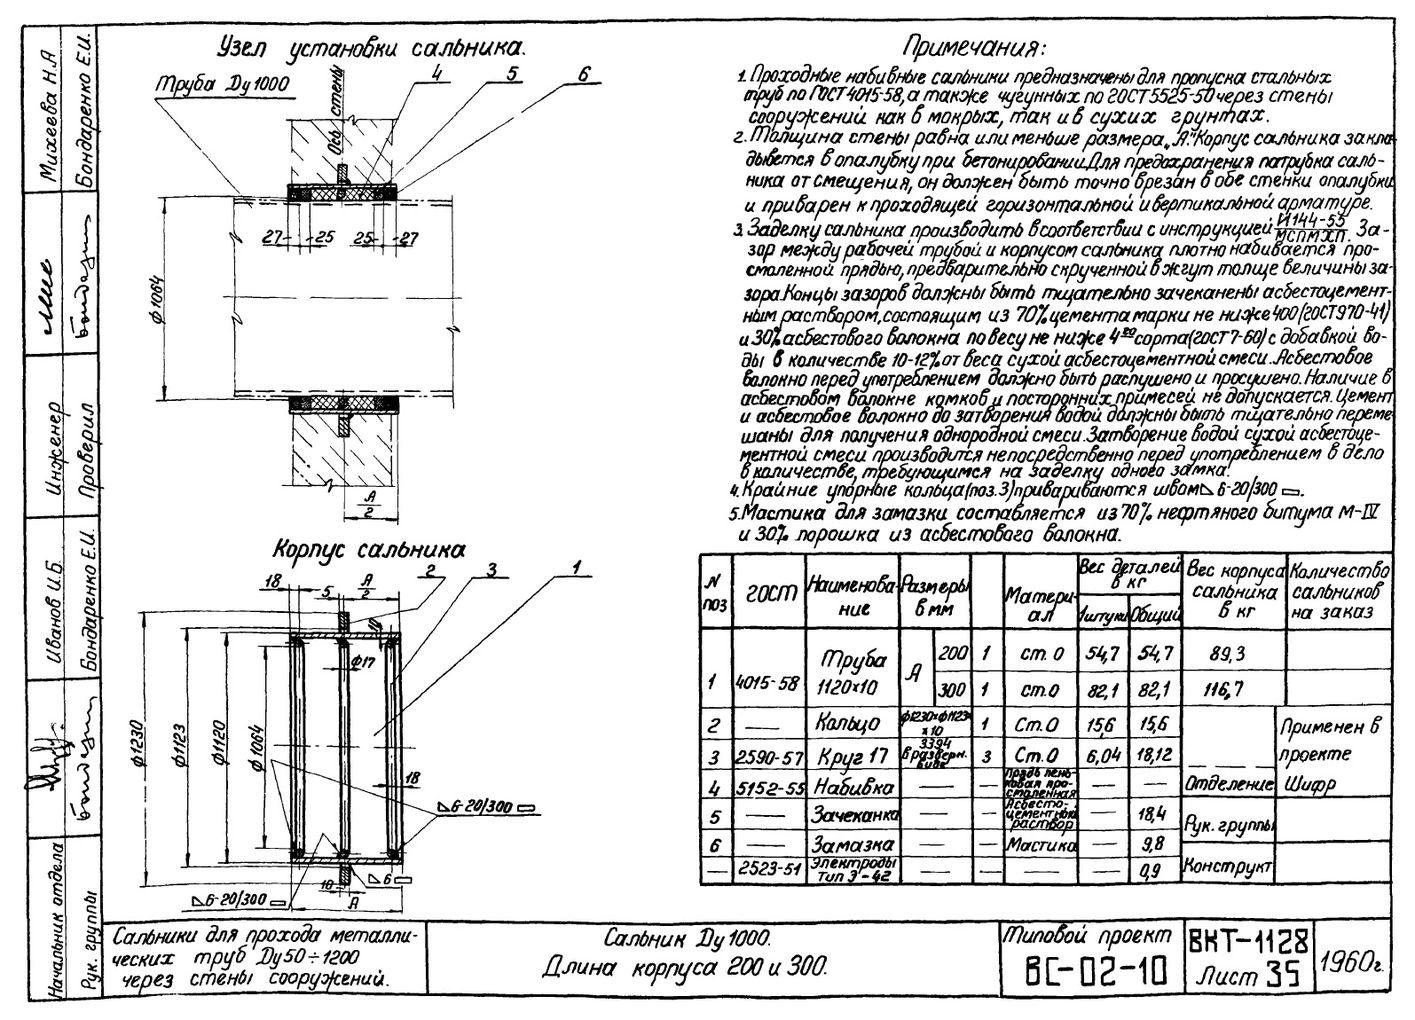 Сальники набивные L = 200 мм типовой проект ВС-02-10 стр.17